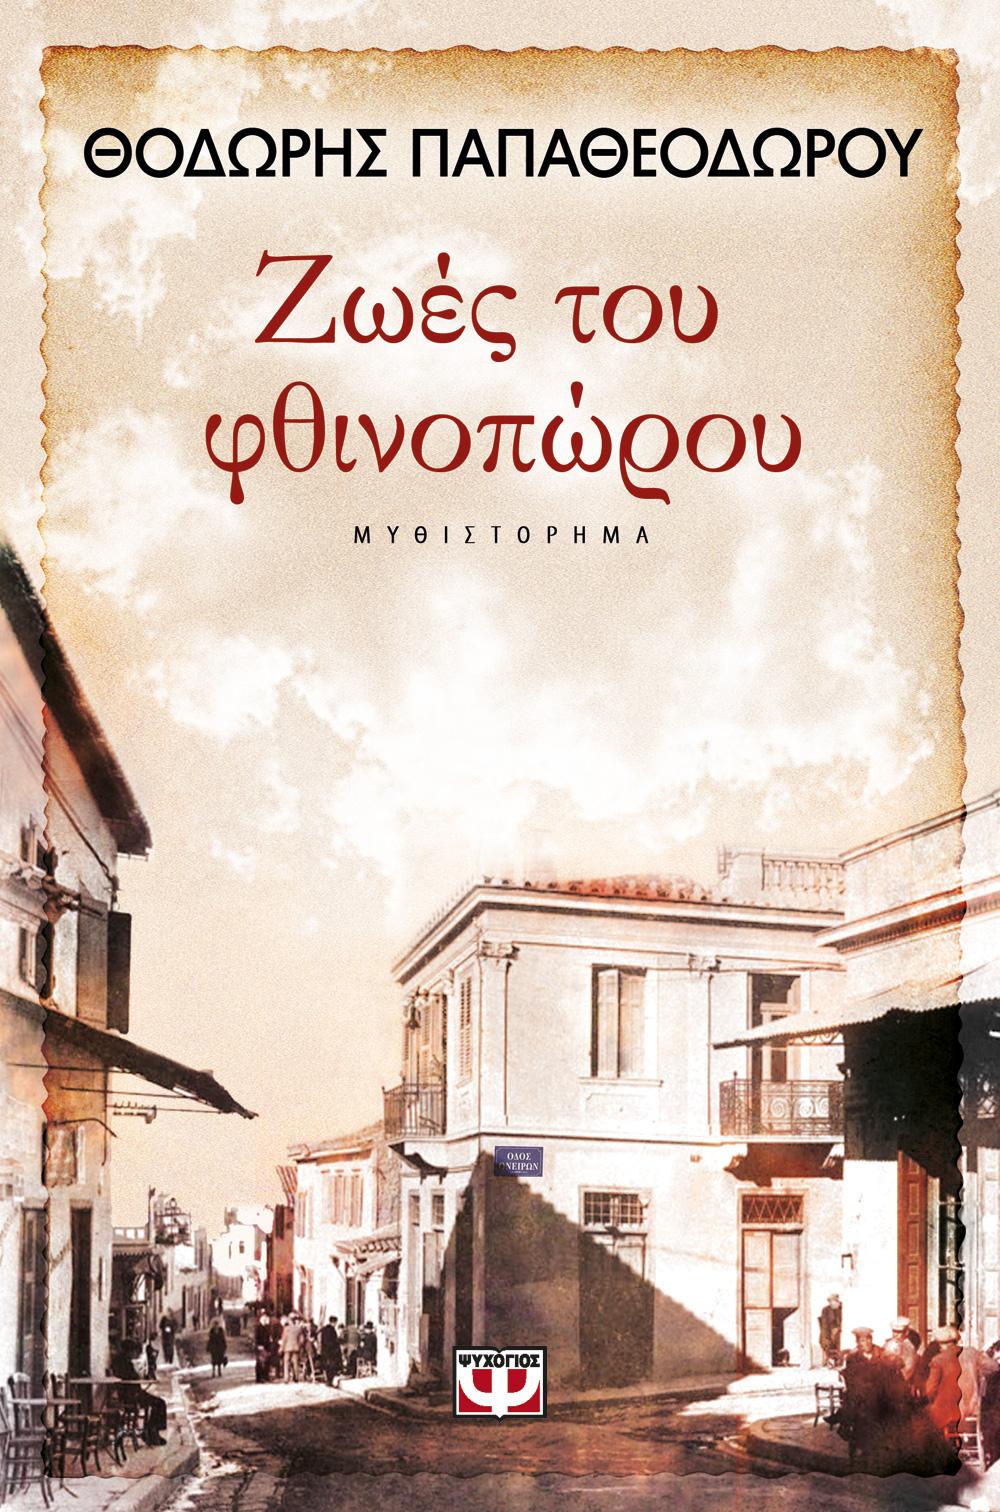 zoes_tou_fthinoporou